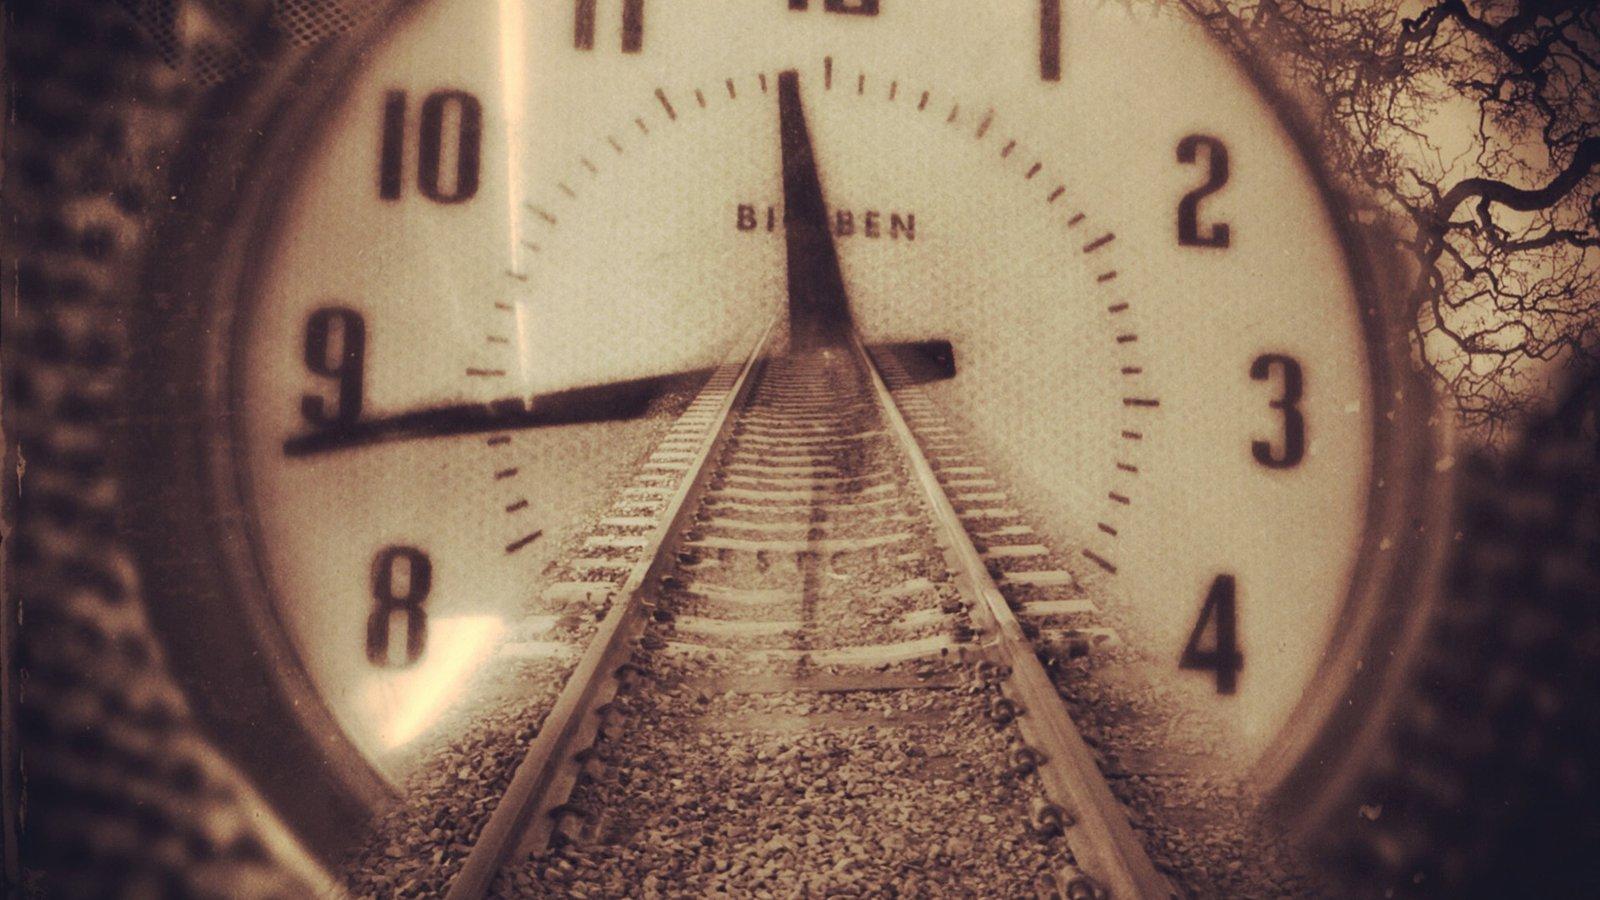 Подборка фильмов и сериалов про путешествия во времени и пространстве